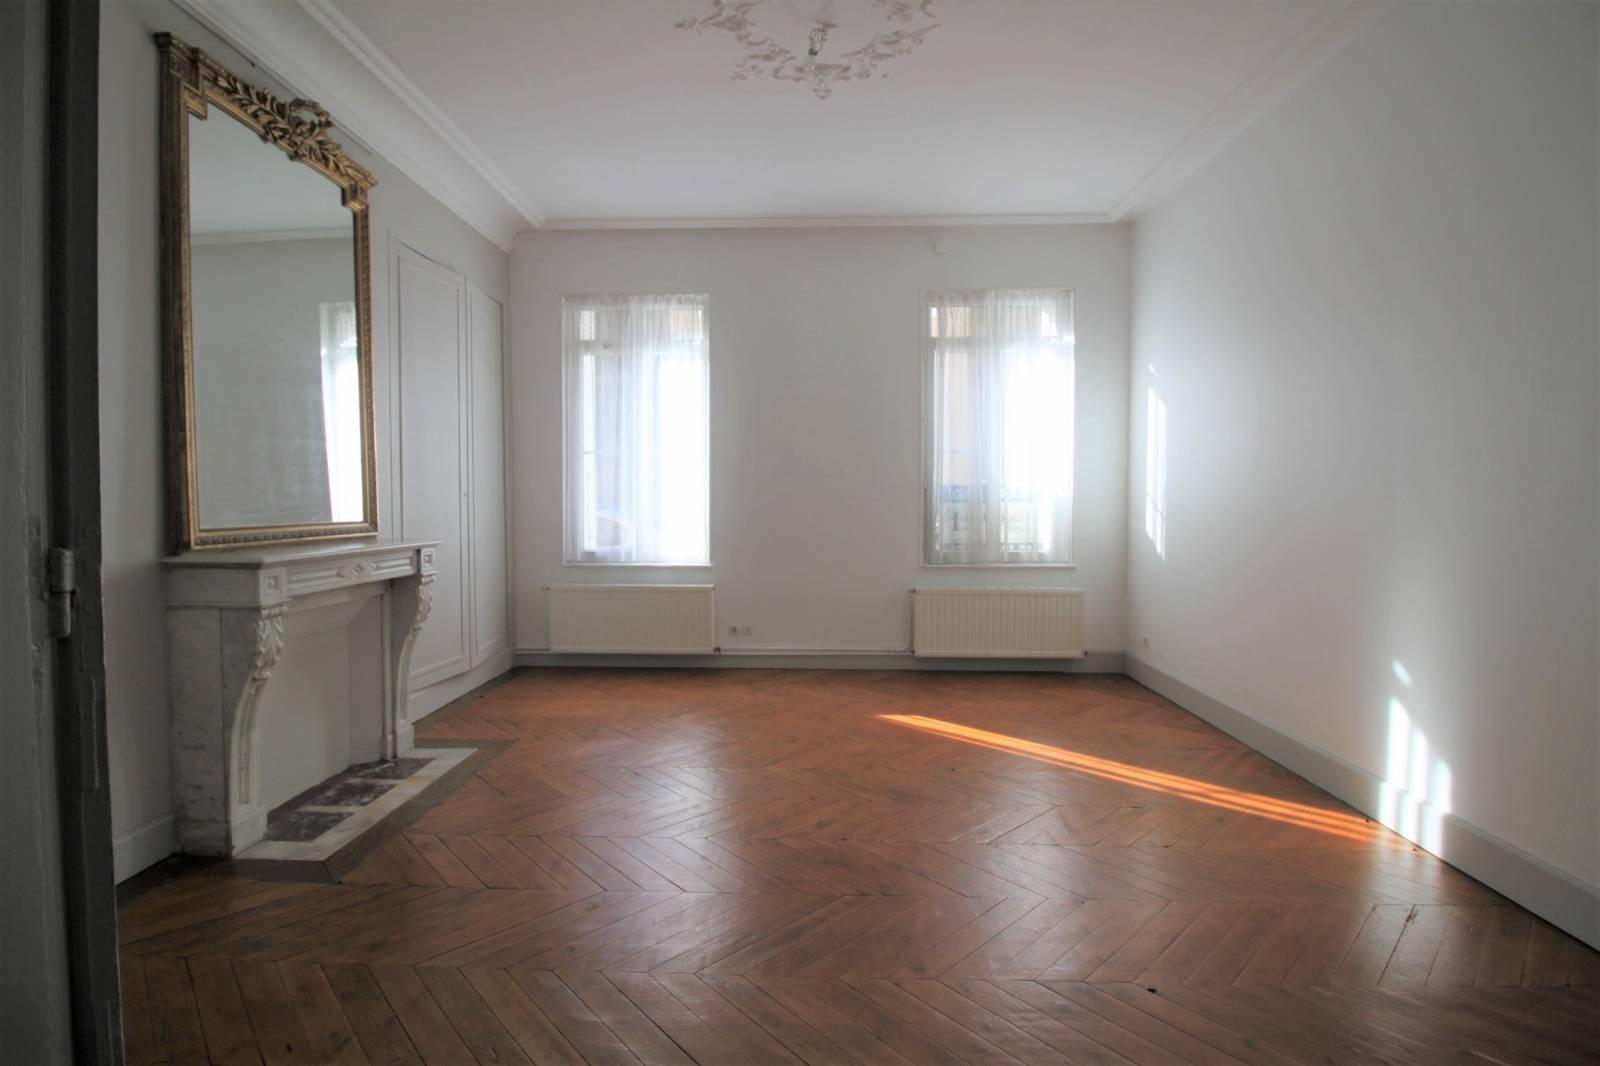 a louer appartement dieppe 76 rue de la r publique transaction immobili re sur dieppe et sa. Black Bedroom Furniture Sets. Home Design Ideas